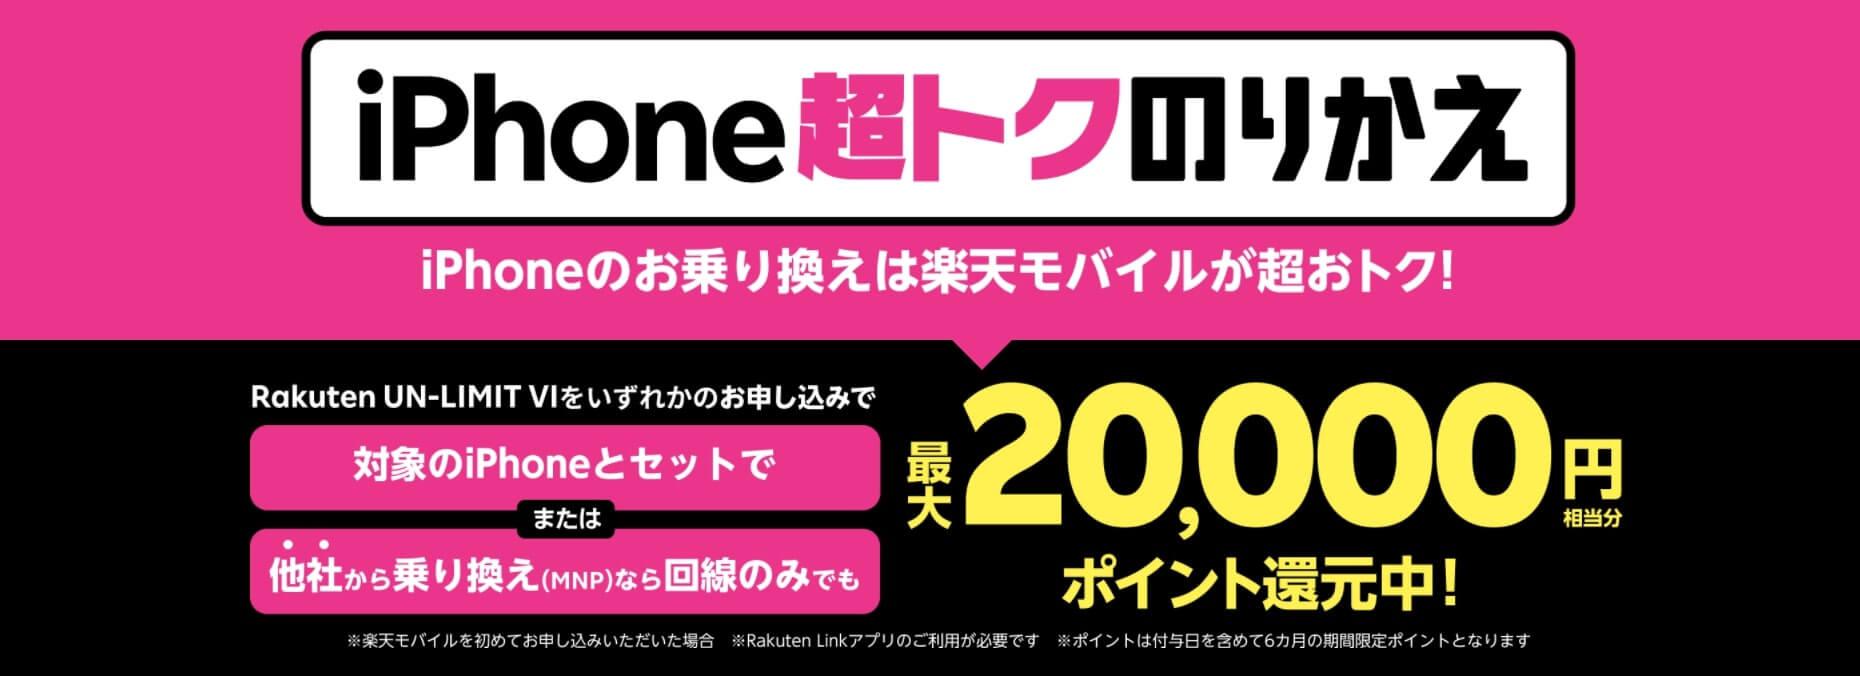 他社から乗り換えで最大2万円相当還元